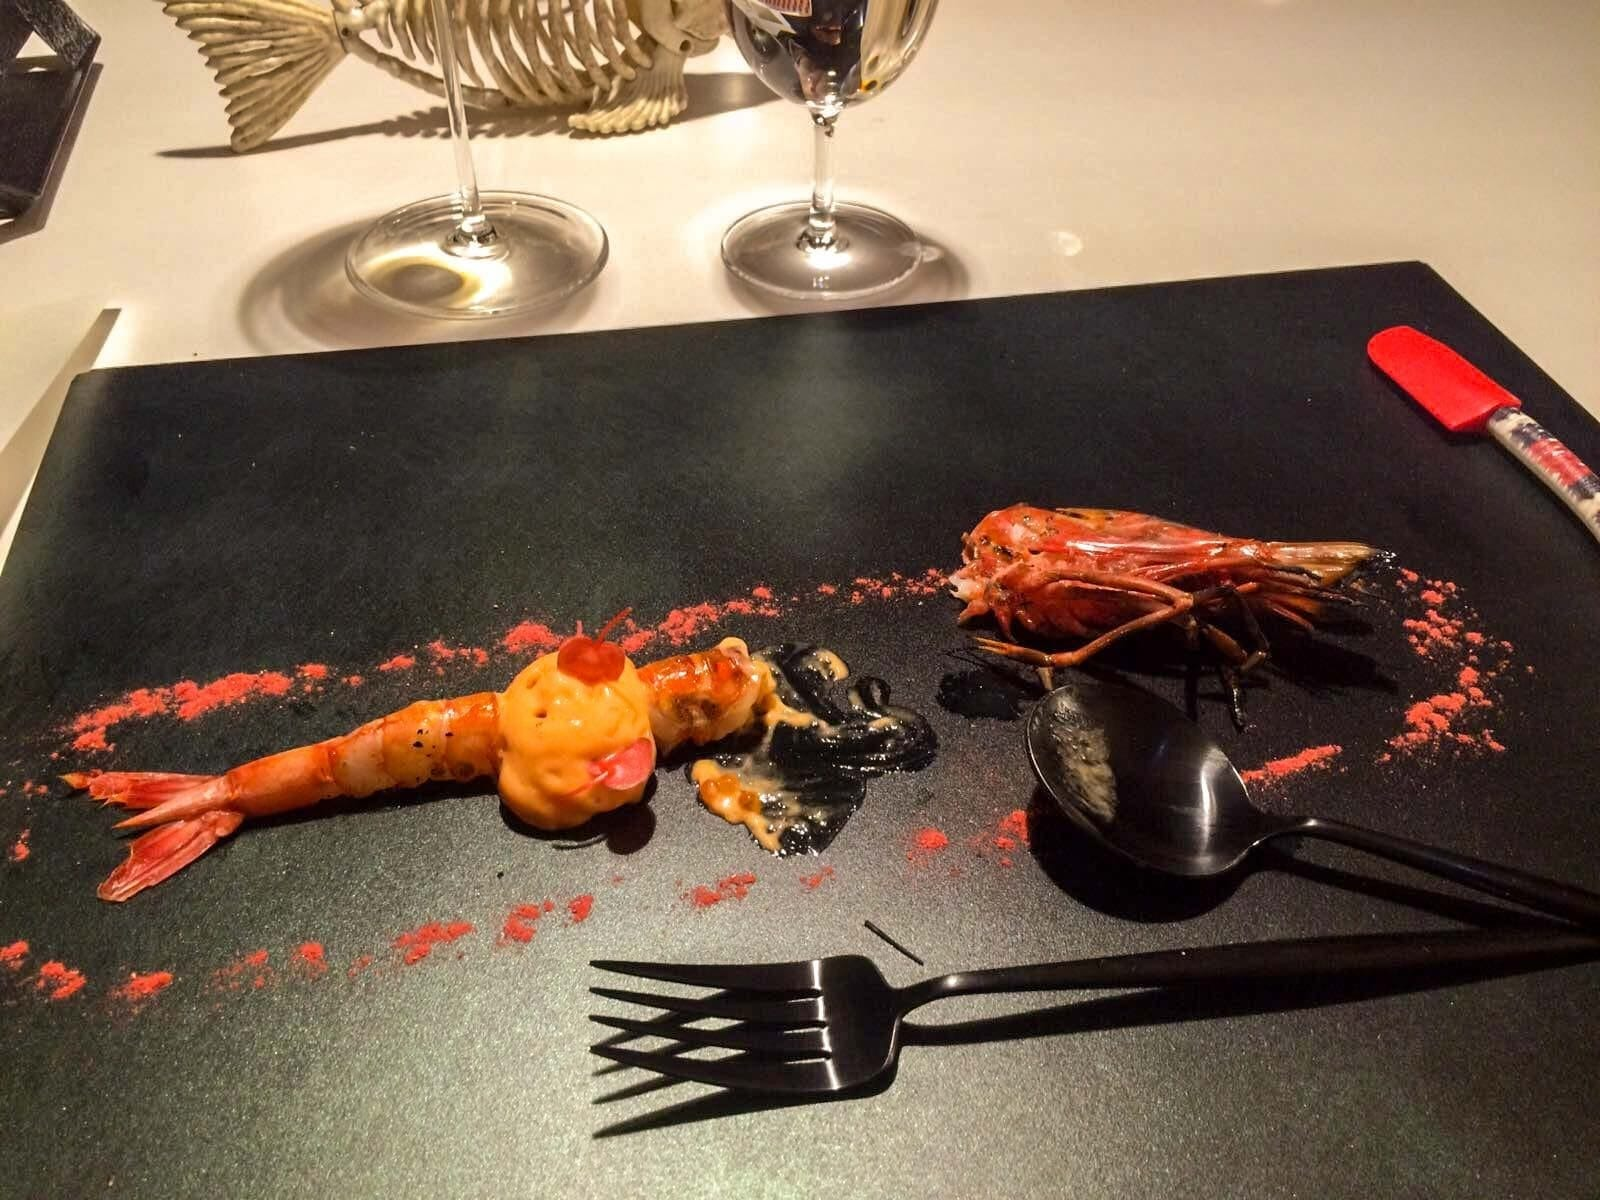 DiverXO restaurant 3 stars Michelin